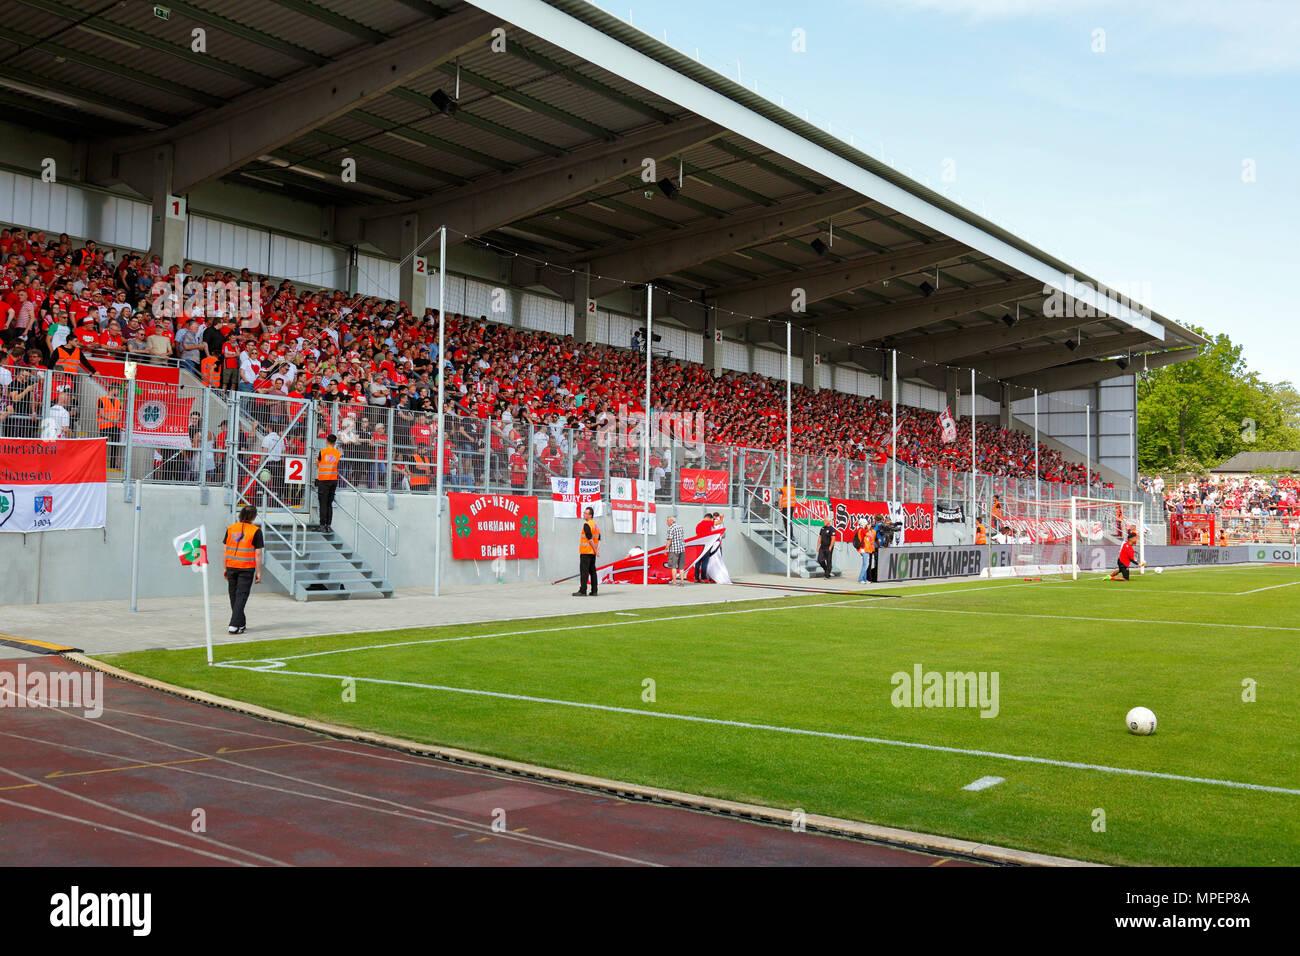 sports, football, Lower Rhine Cup, 2017/2018, final, Rot-Weiss Oberhausen vs Rot Weiss Essen 2:1, Stadium Niederrhein Oberhausen, stadium view, Revierkraft stand, RWO football fans - Stock Image